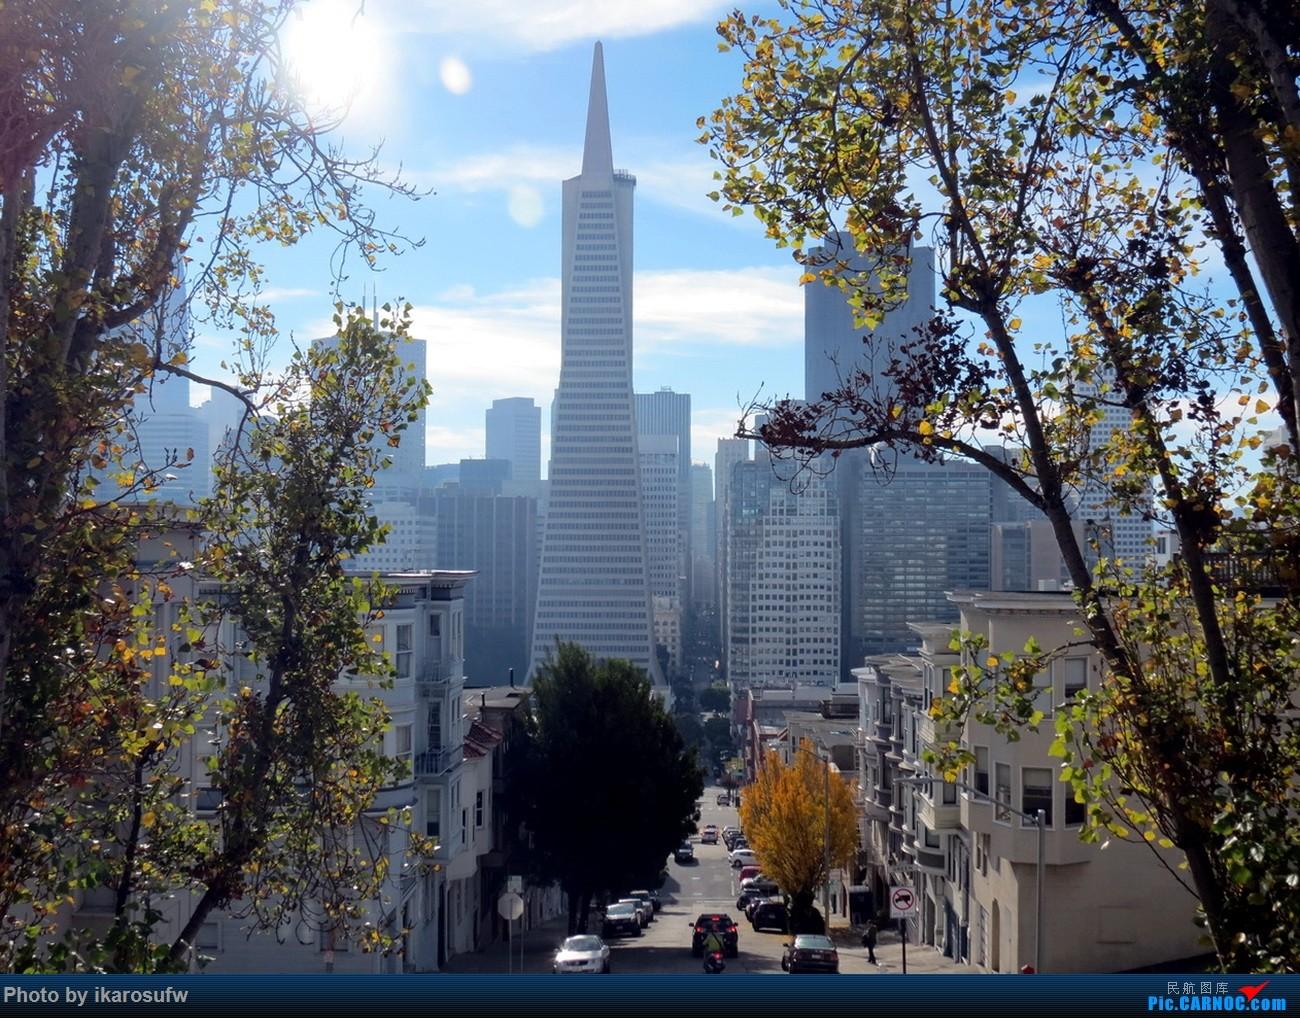 Re:[原创]这次是6+12小时 圣诞节新年 新加坡北京旧金山/洛杉矶北京新加坡往返全记录及美西20日之旅 中国国际航空 CA970/985/988/975(二)